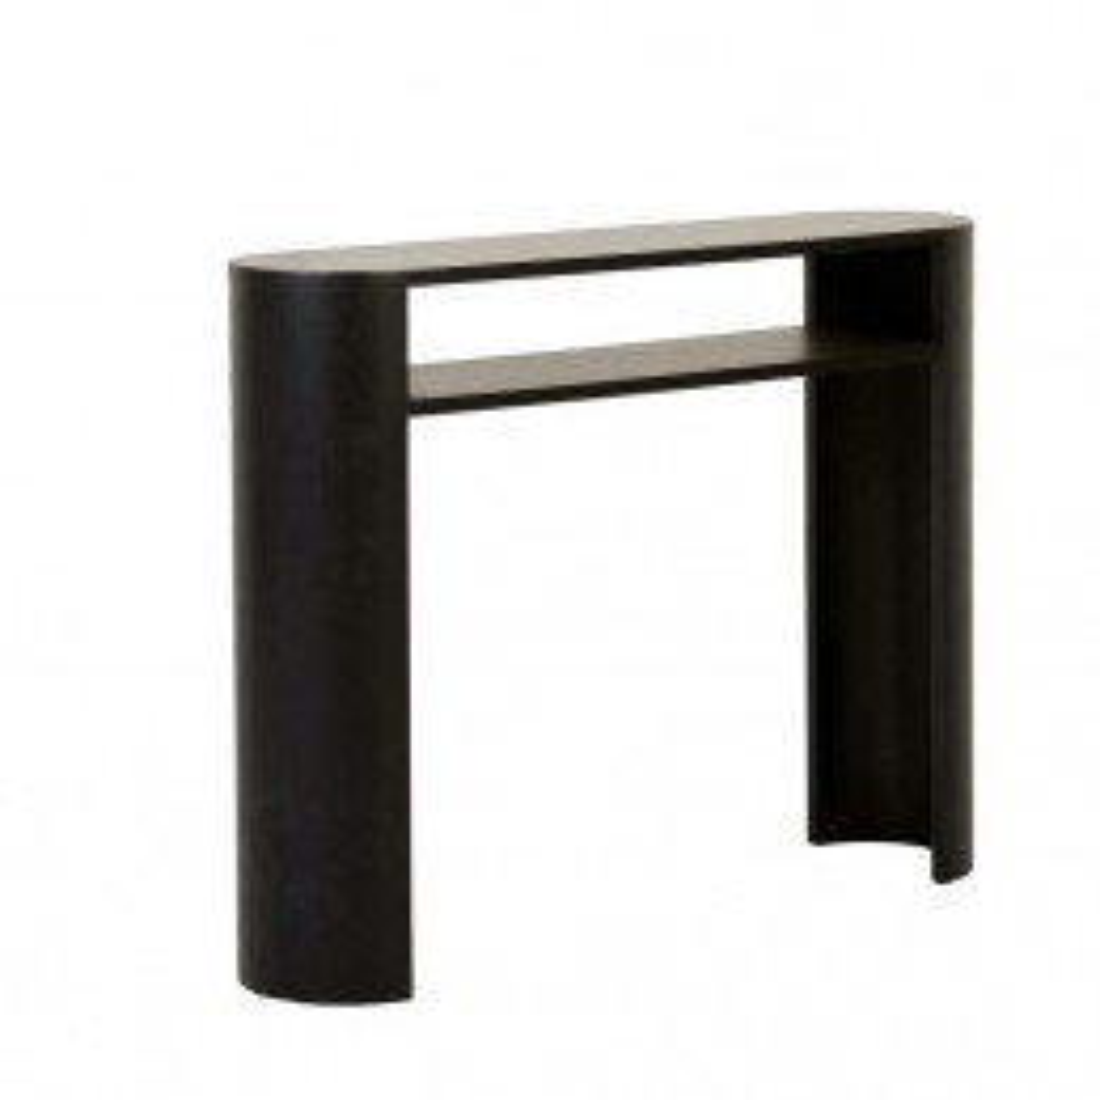 Classique Oval Small Shelf Console